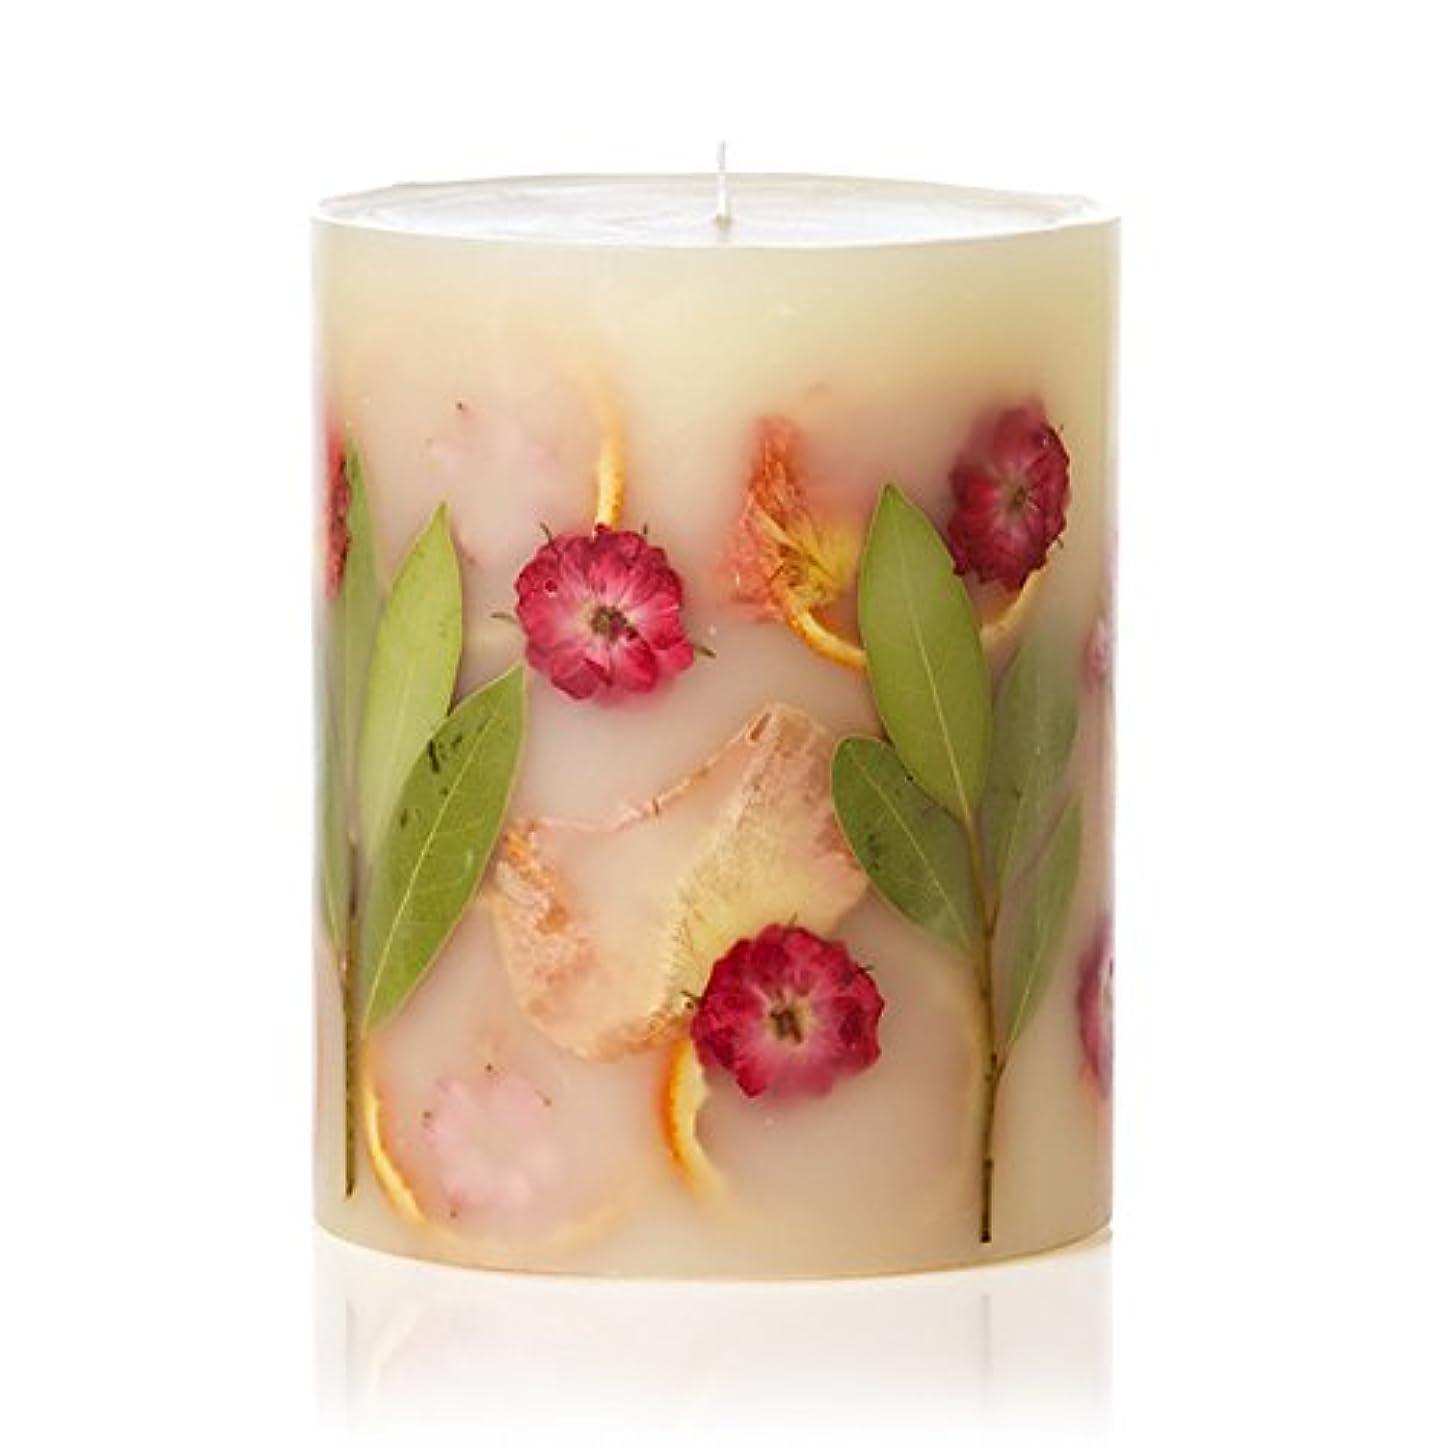 人差し指宣伝止まるロージーリングス ボタニカルキャンドル トールラウンド ピオニー&ポメロ ROSY RINGS Round Botanical CandleTall Round Peony & Pomelo